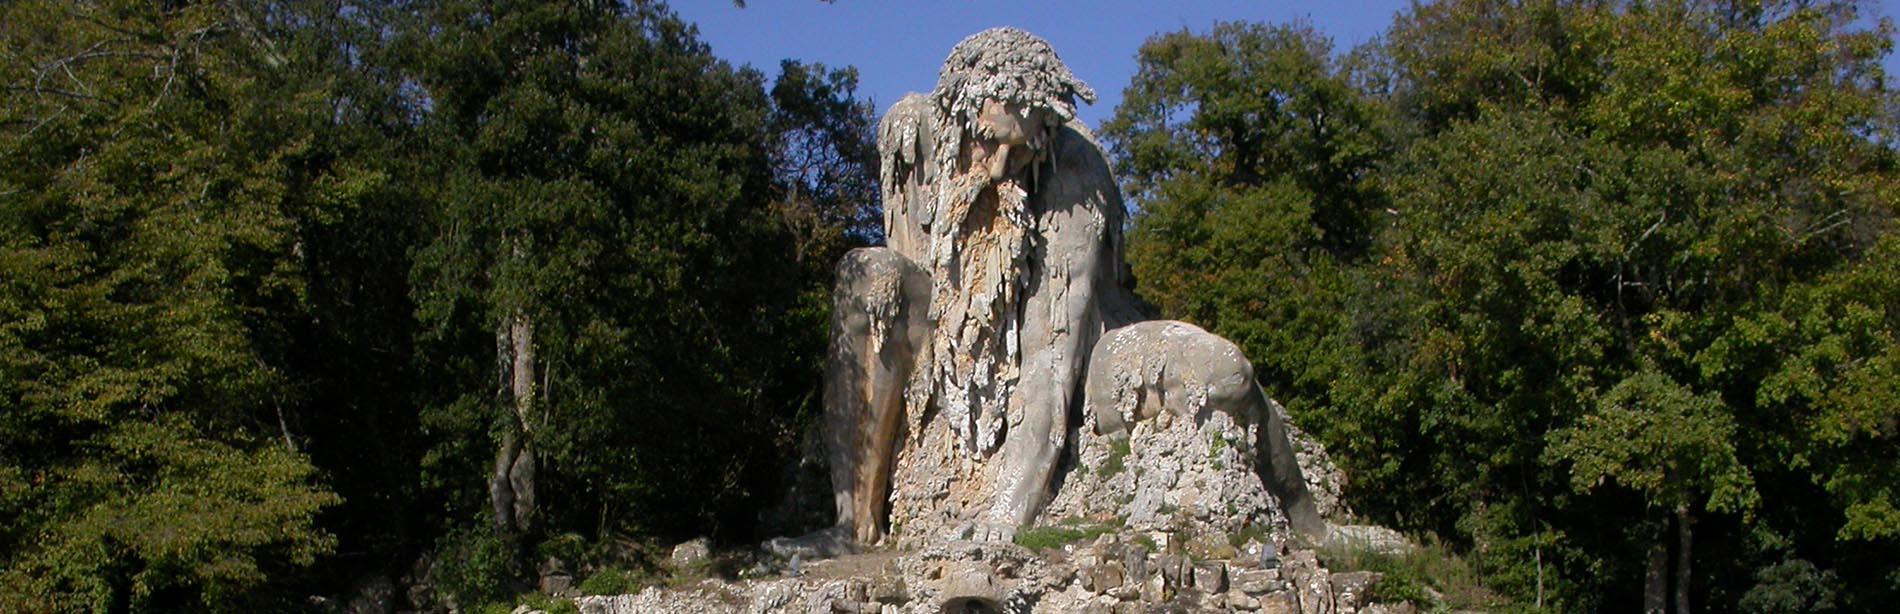 Il Colosso dell'Appennino, la gigantesca scultura che nasconde un segreto